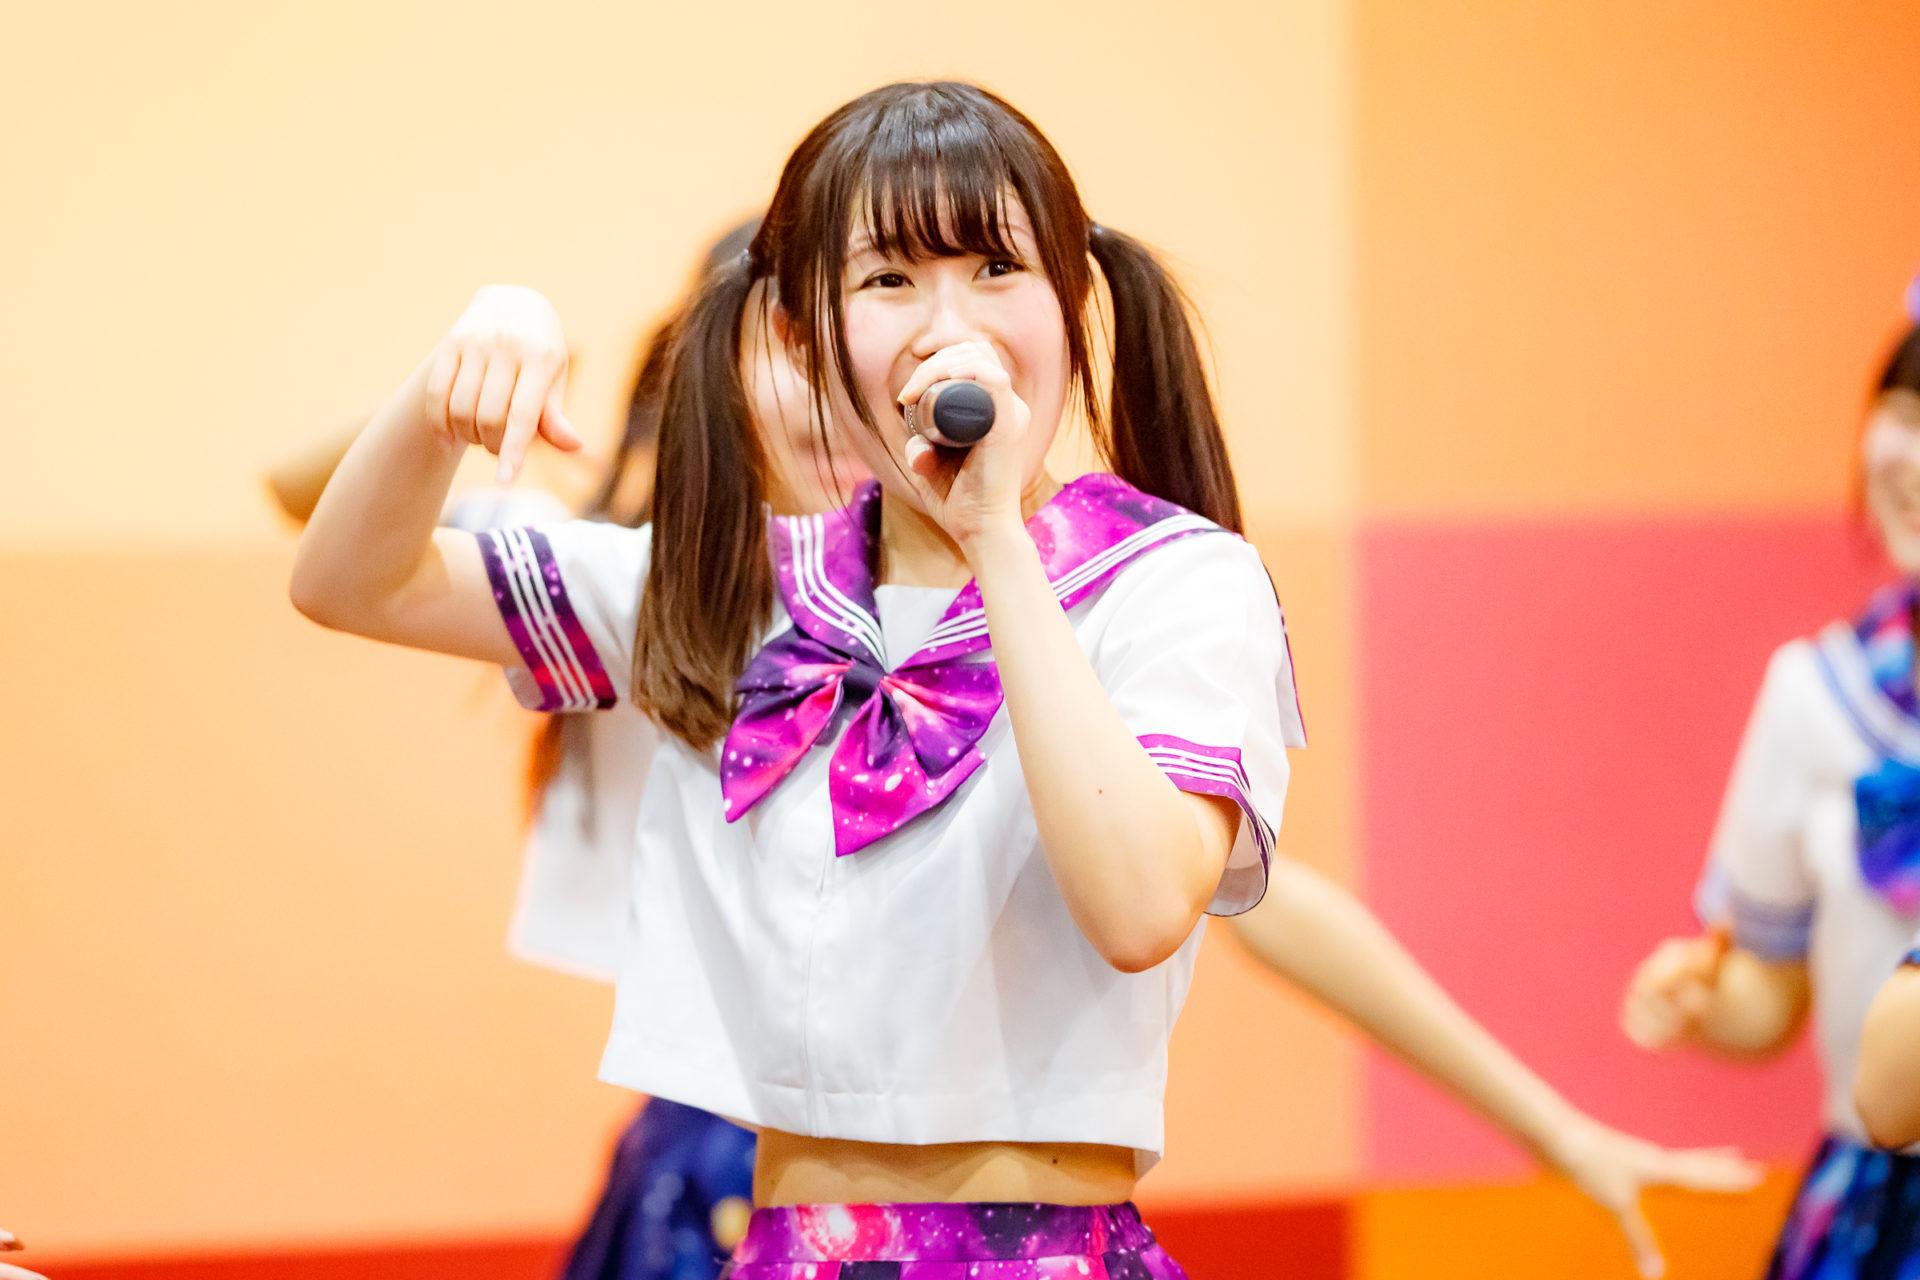 フルーティー♡ もっち ( 長久保桃子 ) | ディノスパーク×ライブプロマンスリーLIVE vol.1